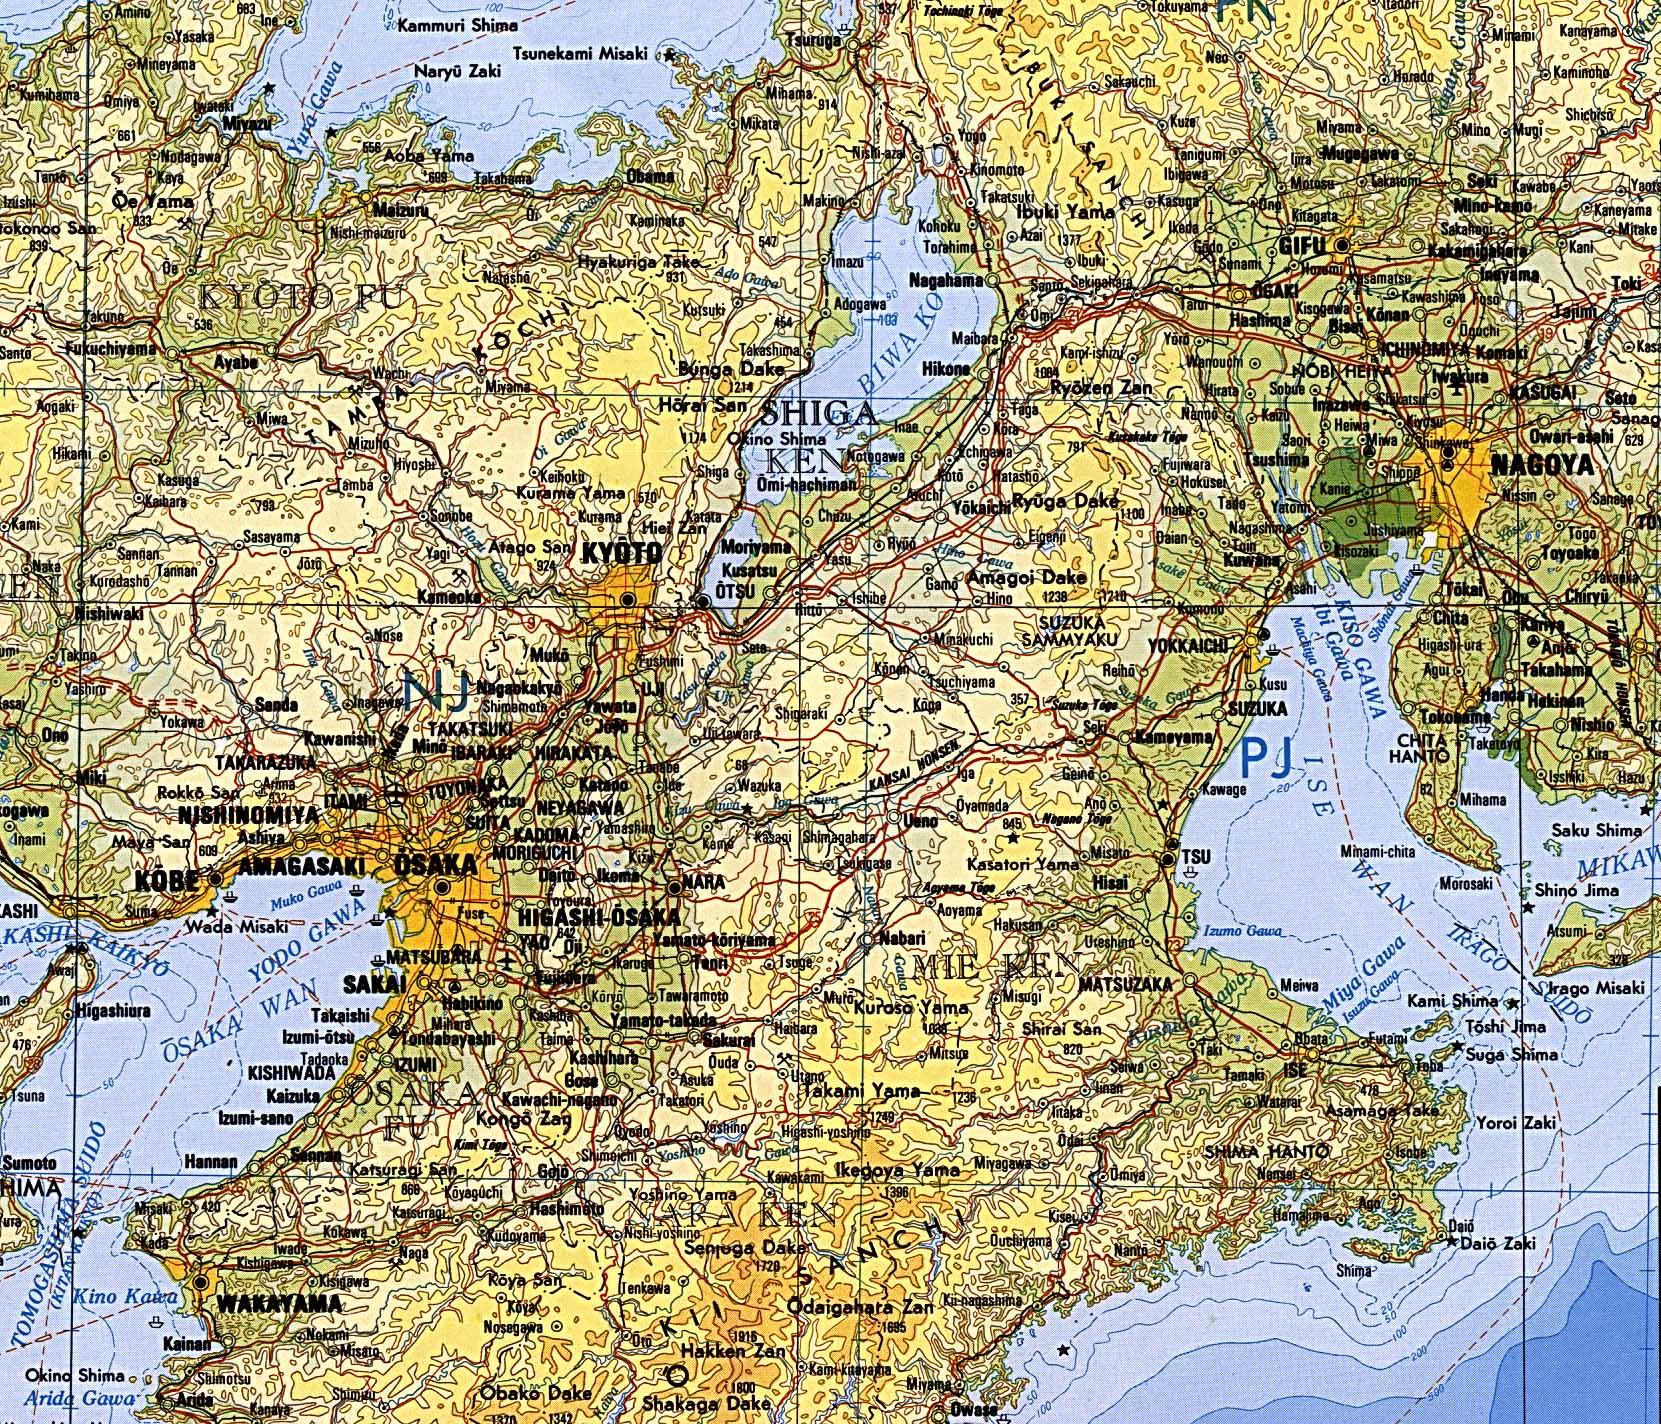 Mapa Topográfico de la Région de Osaka, Kioto y Nagoya, Japón